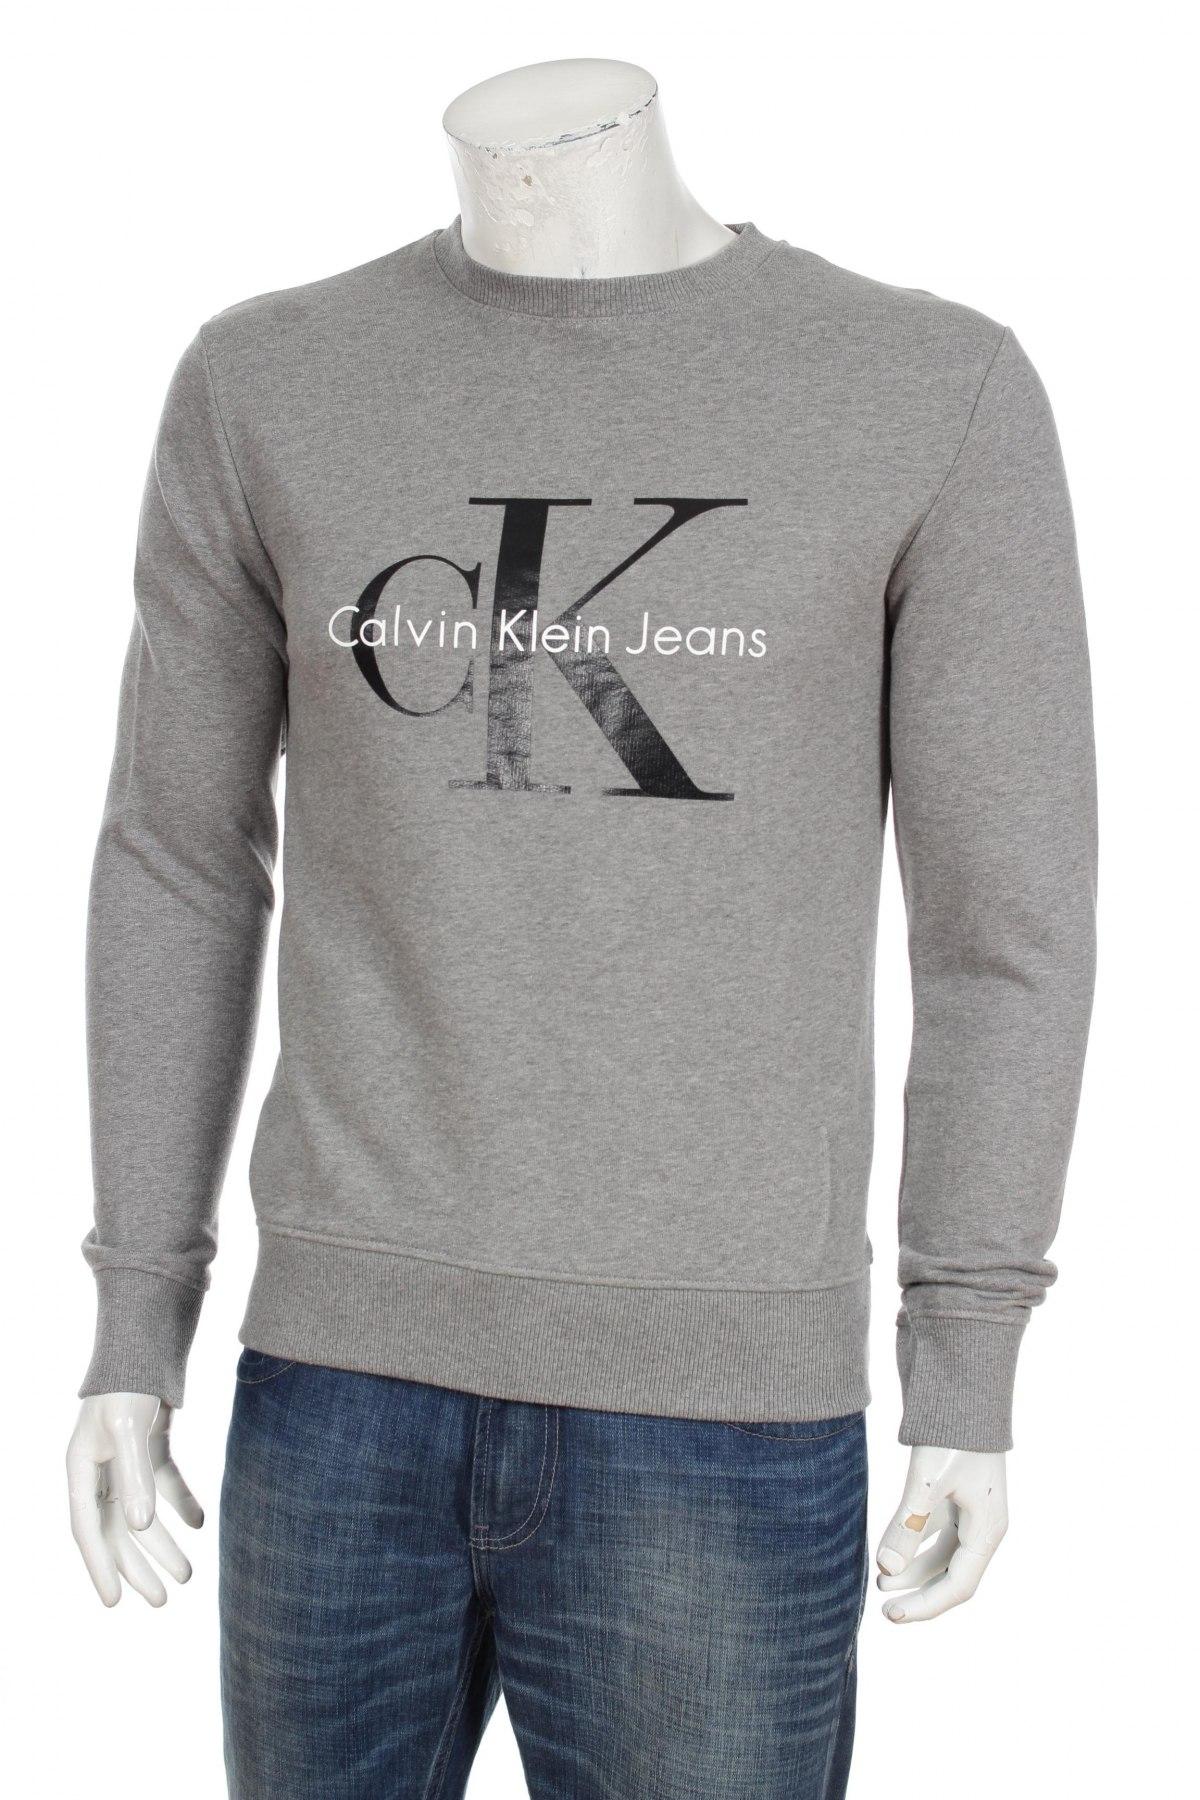 Ανδρική μπλούζα Calvin Klein Jeans - σε συμφέρουσα τιμή στο Remix ... caedc75f356